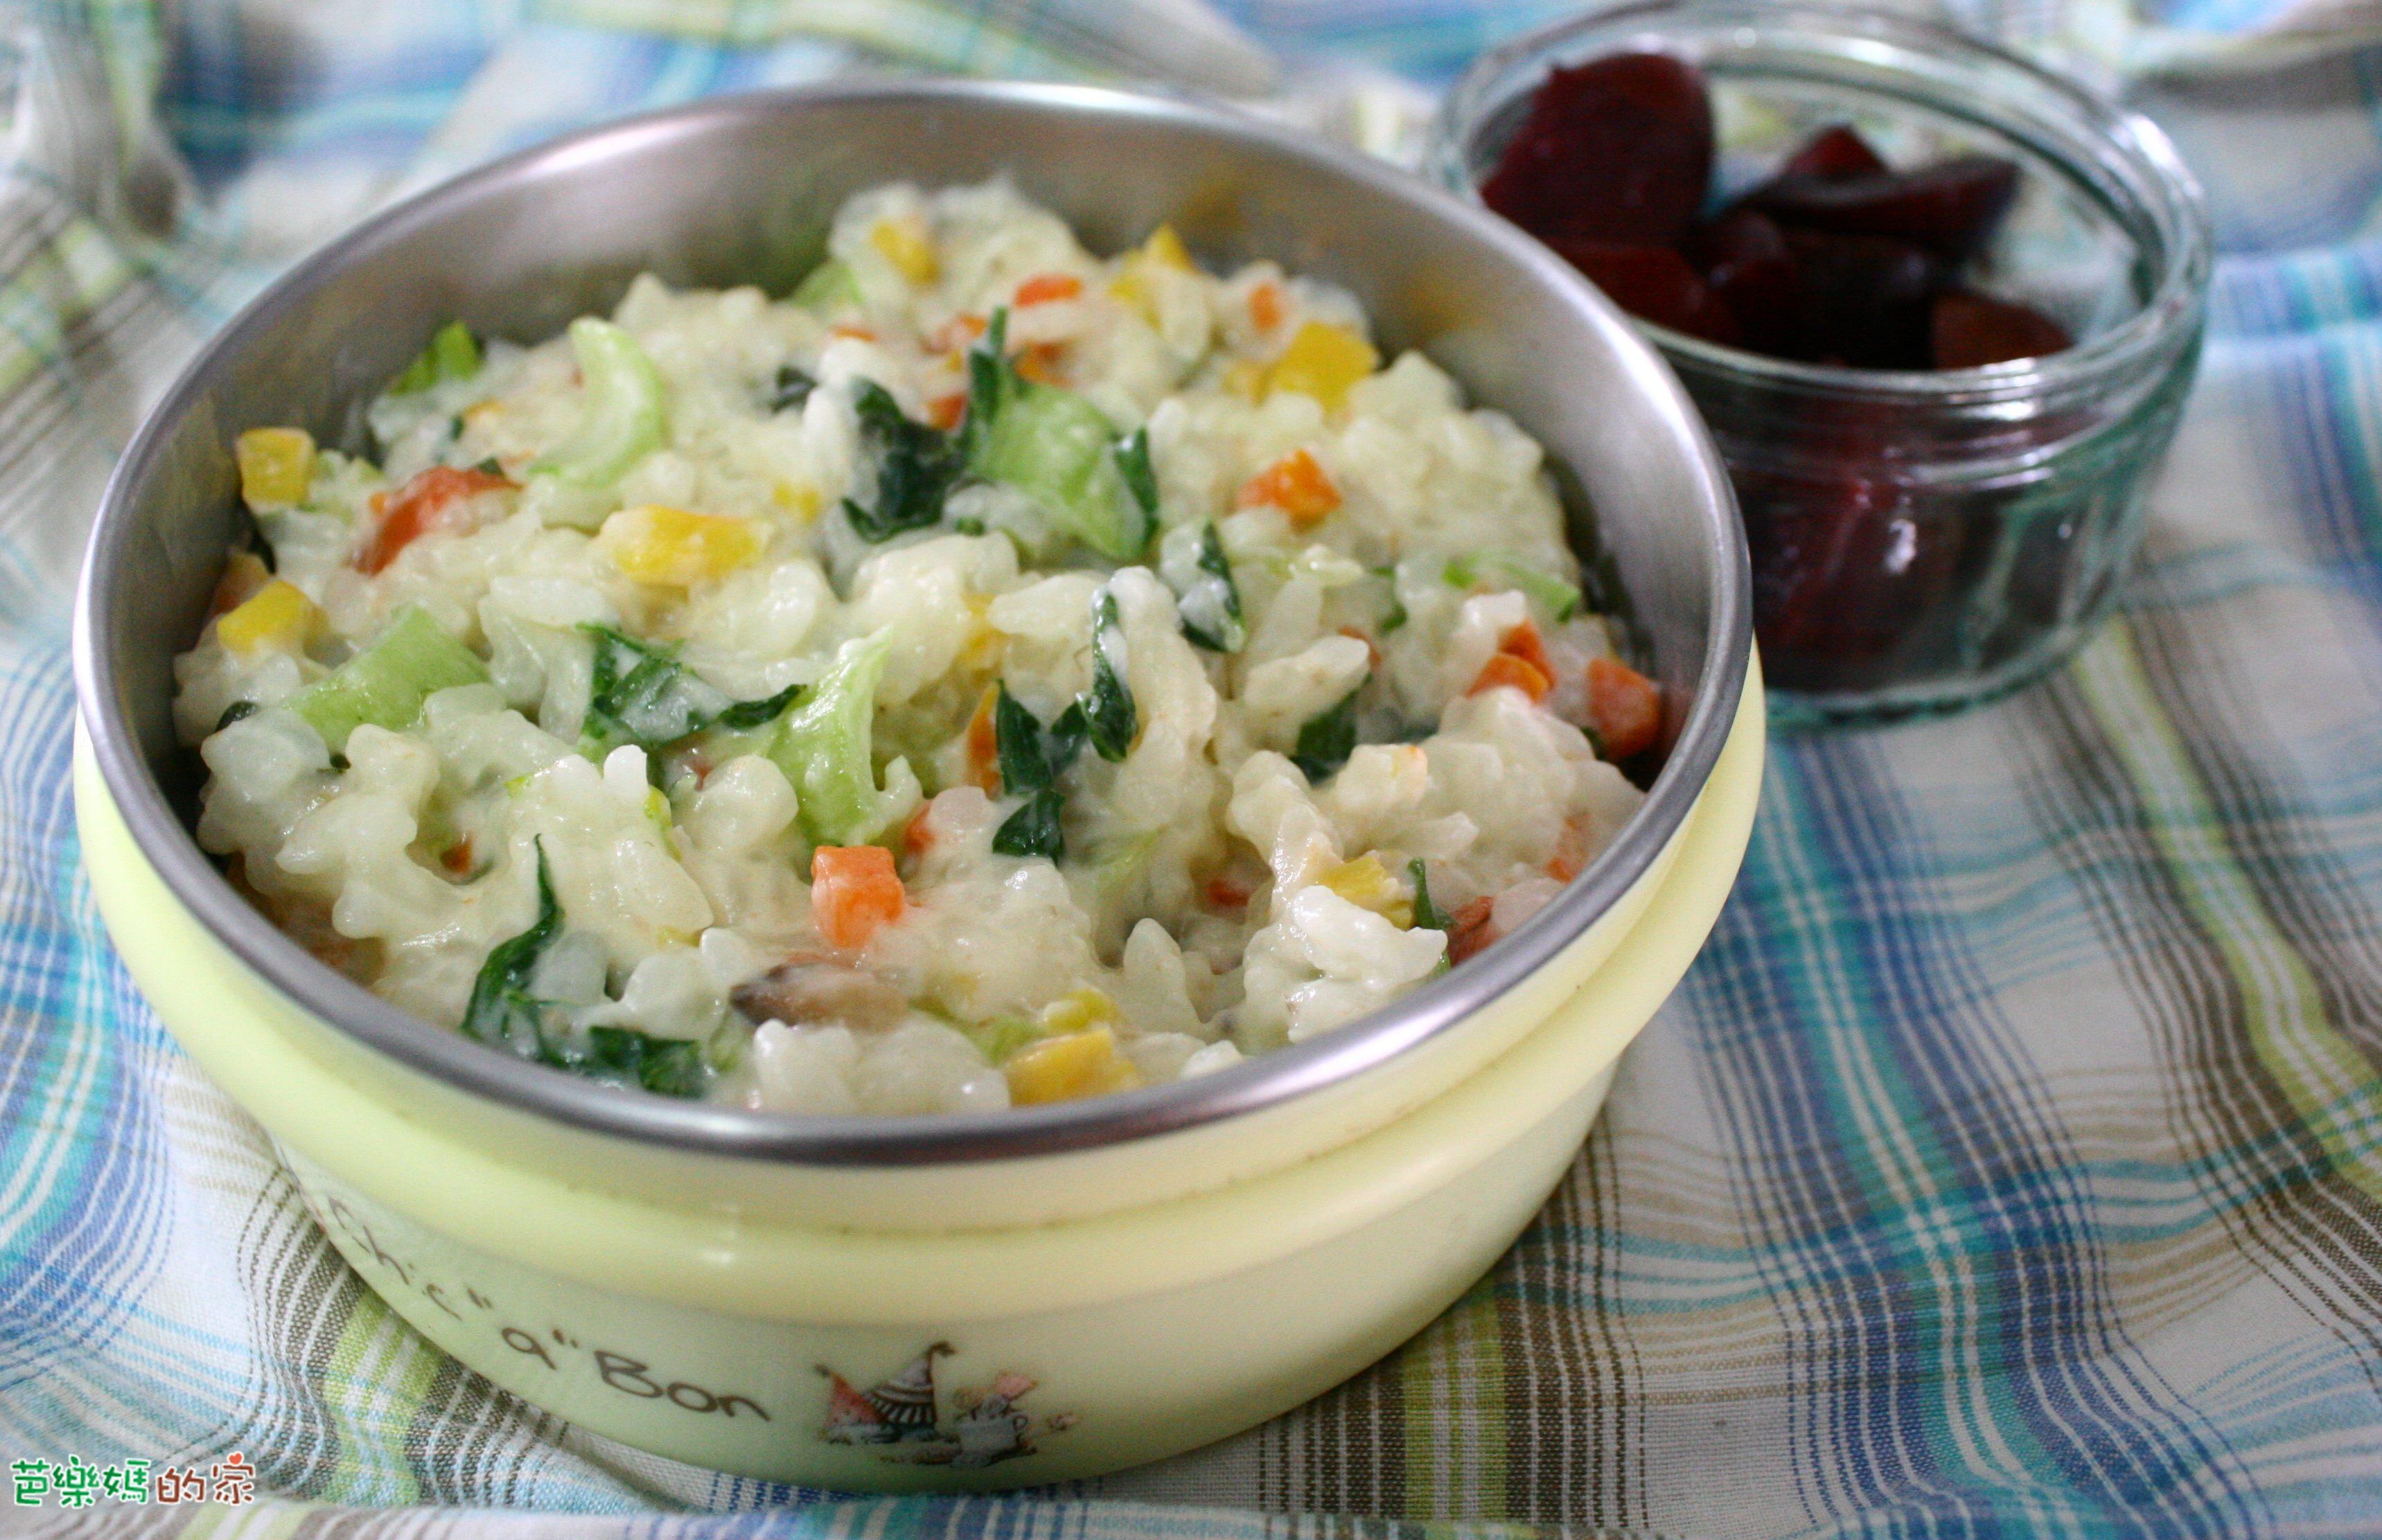 素食副食品-蔬菜牛奶燉飯